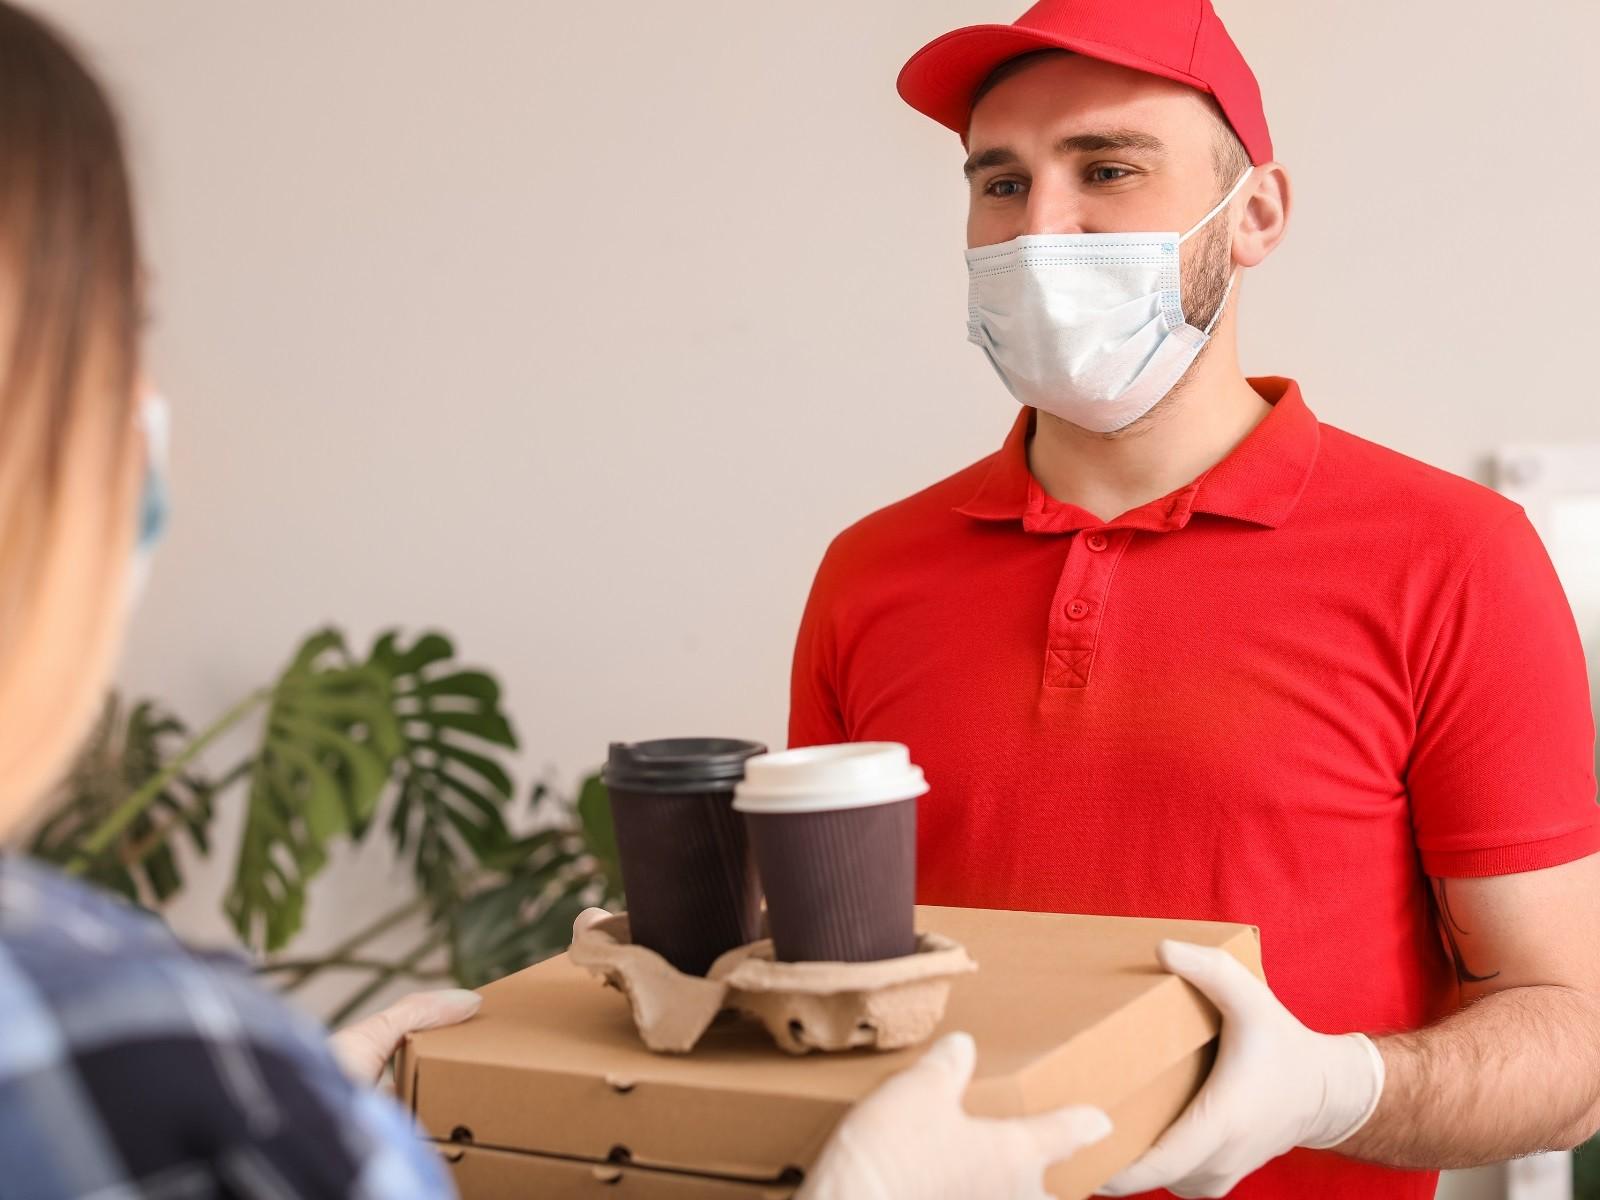 Das Foto zeigt einen Mann in rotem T-Shirt mit roter Kappe auf, der eine Maske und Handschuhe trägt, und Nahrung und Getränke an eine Frau liefert. Quelle/Autor: Canva